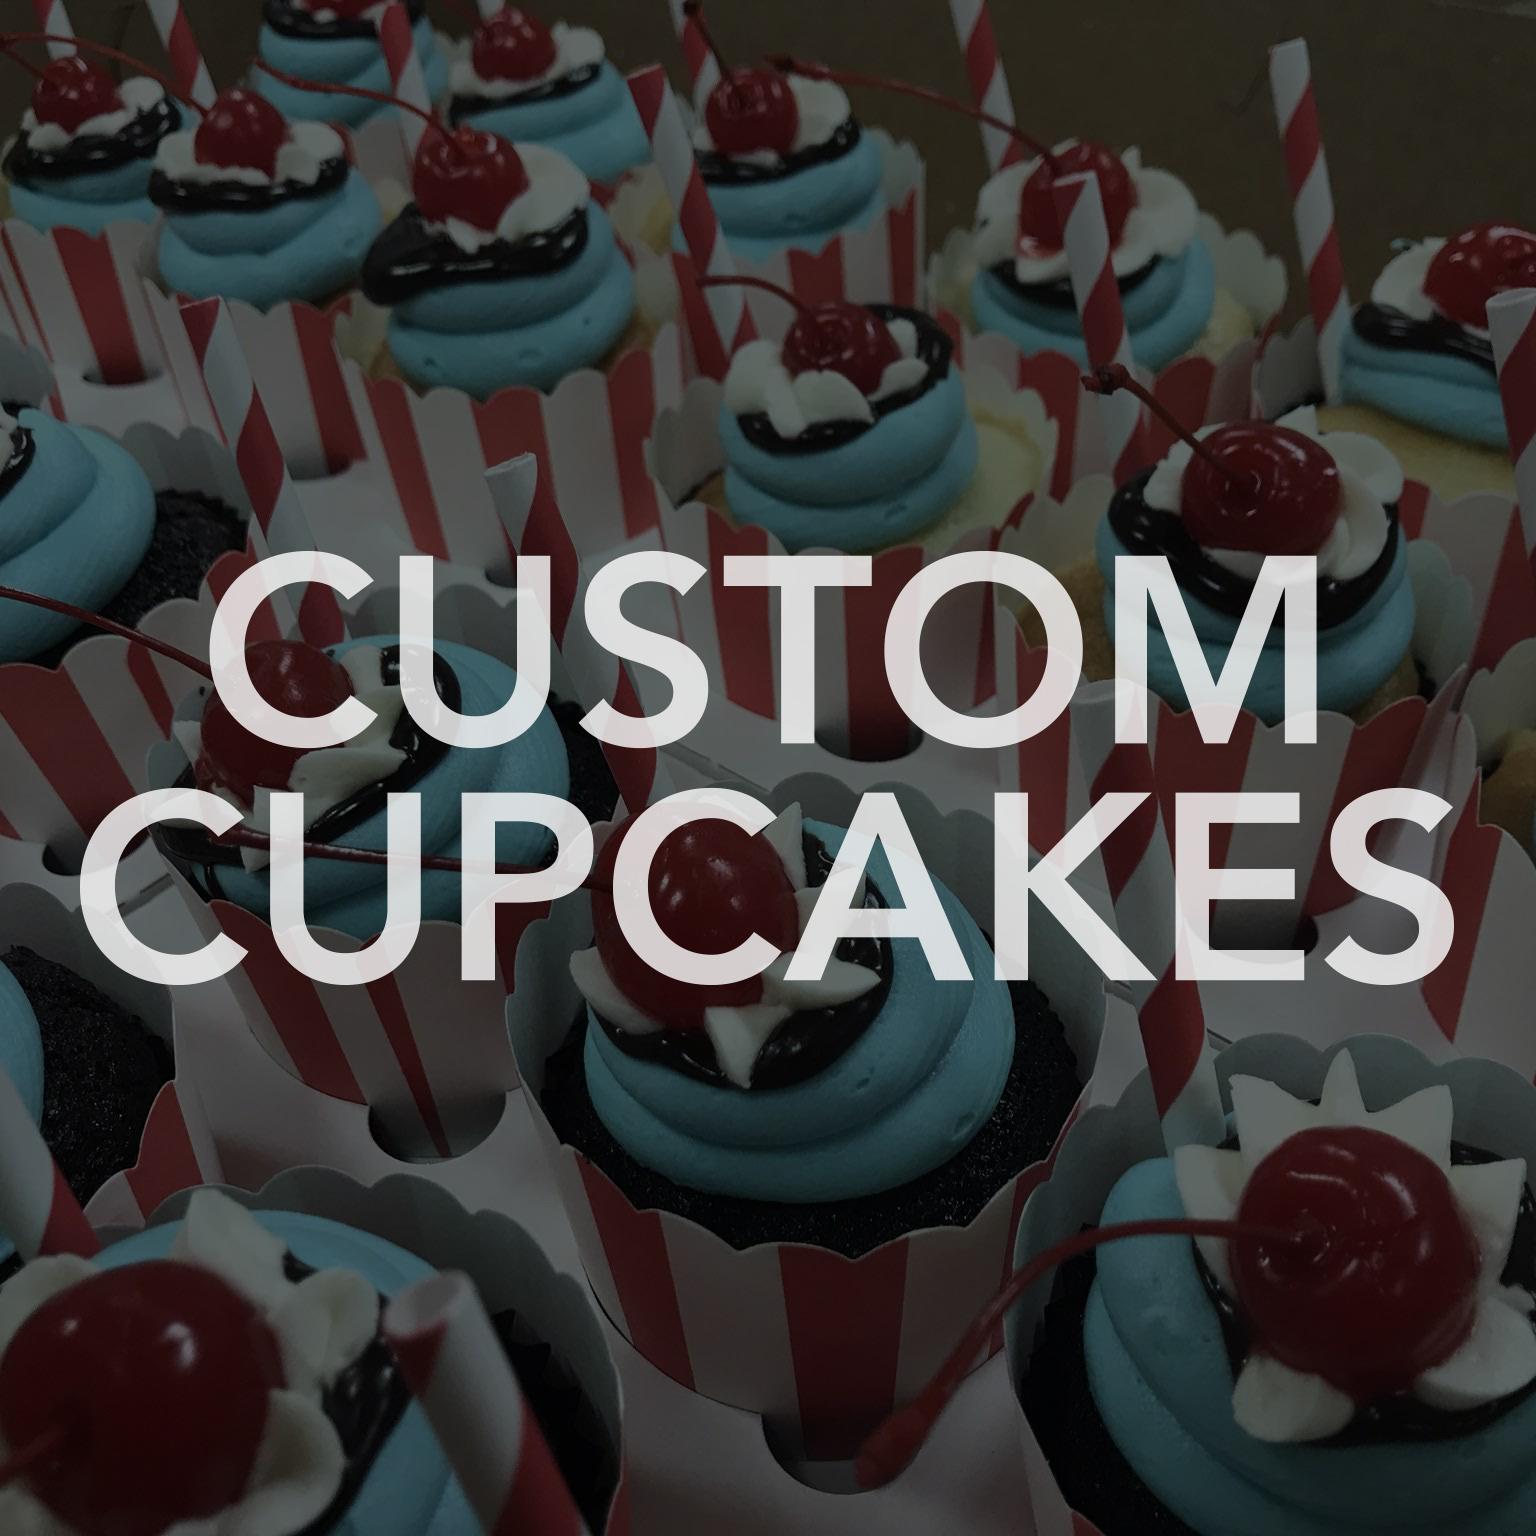 Cupcakes Image.jpg